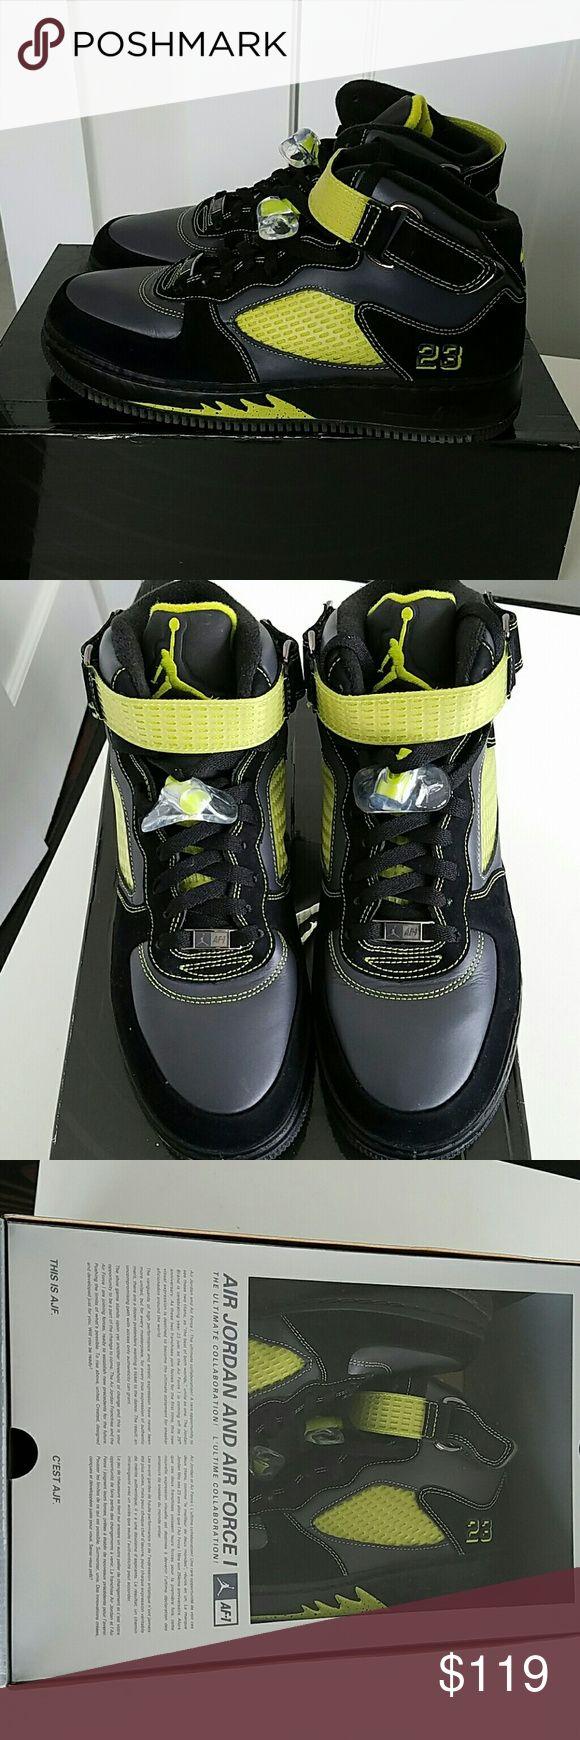 Nike Air Jordans Brand new in box Nike Air Jordan nike air jordan Shoes Sneakers